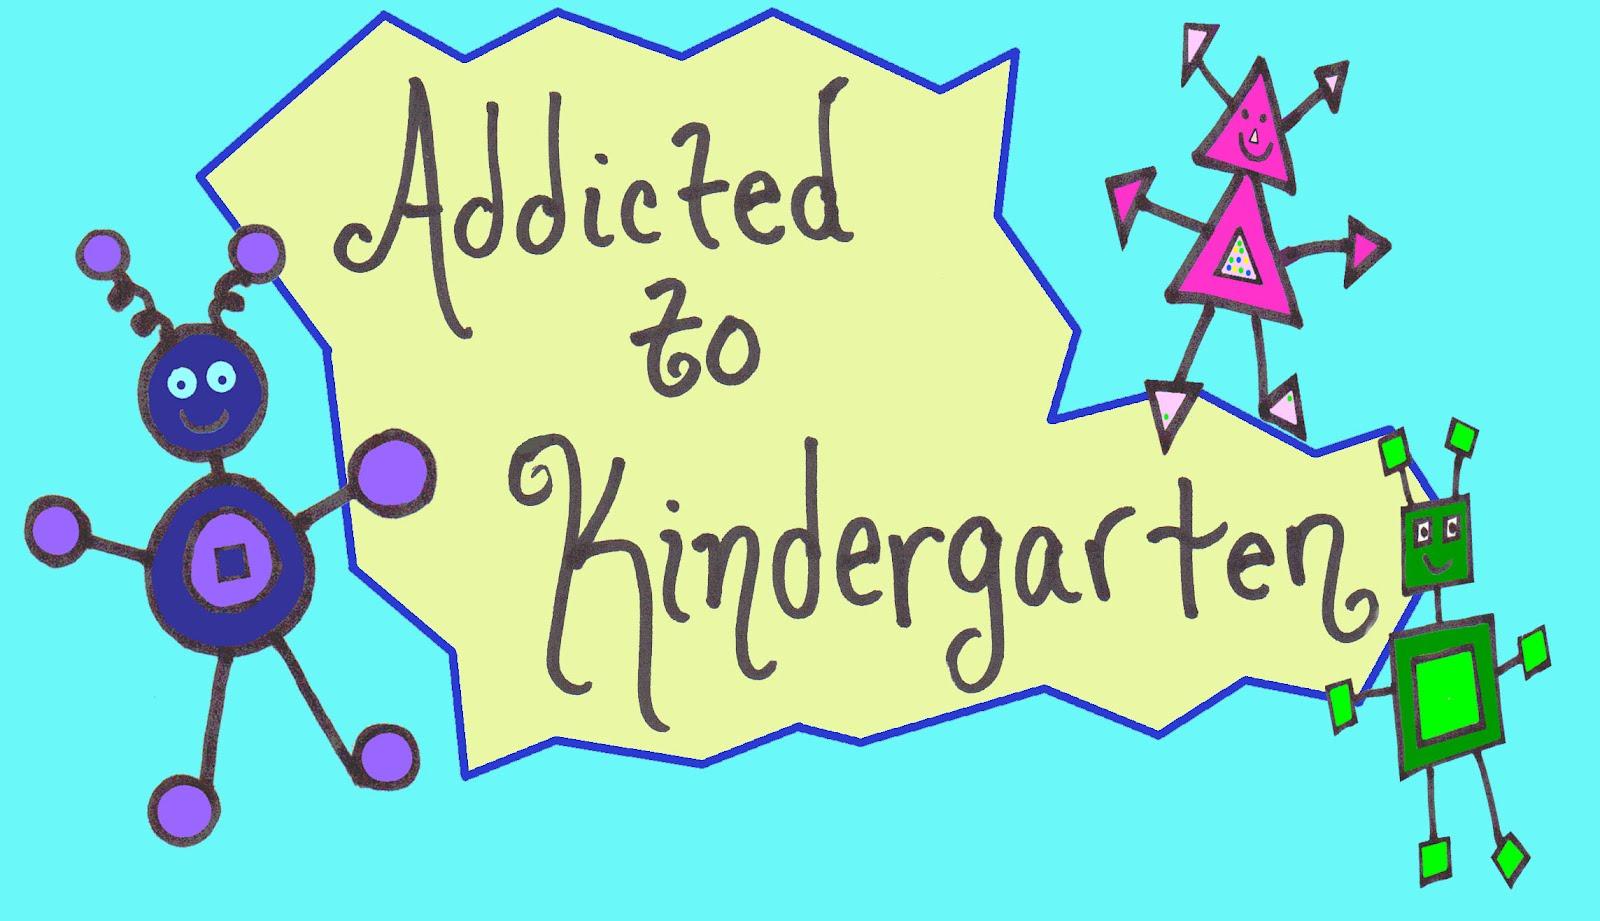 addicted to kindergarten community helpers